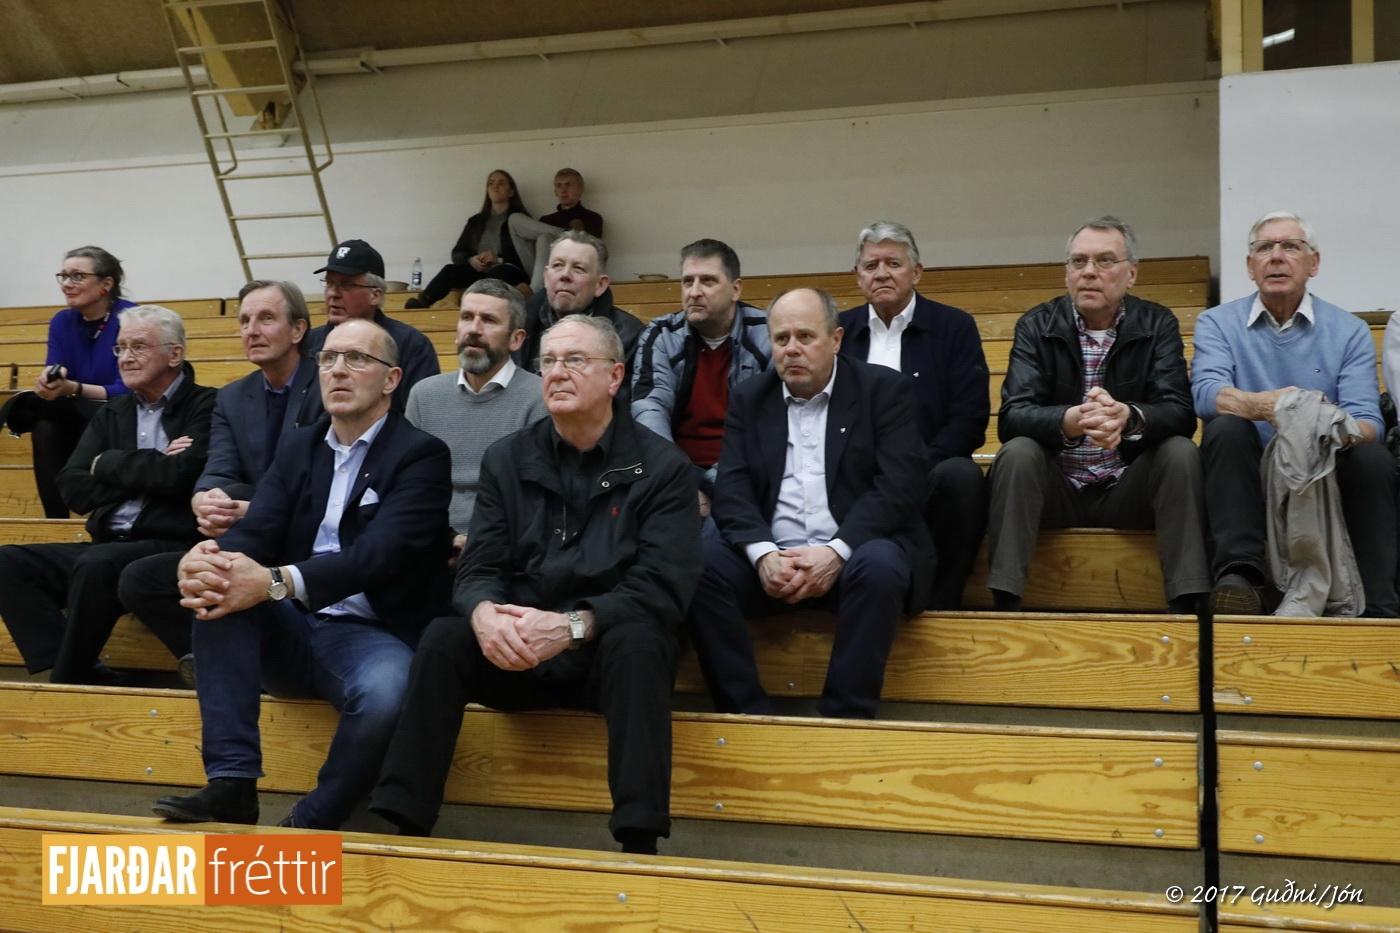 Gamlir meistarflokksmenn FH frá vinstri: Ragnar Jónsson, Guðmundur Árni Stefánsson, Tryggvi Harðarson, Guðmundur Magnússon, Janus Guðlaugsson, Ólafur Einarsson, Geir Hallsteinsson, Ólafur Guðjónsson, Viðar Halldórsson formaður FH, Þórarinn Ragnarsson, Sæmundur Stefánsson og Viðar Símonarson